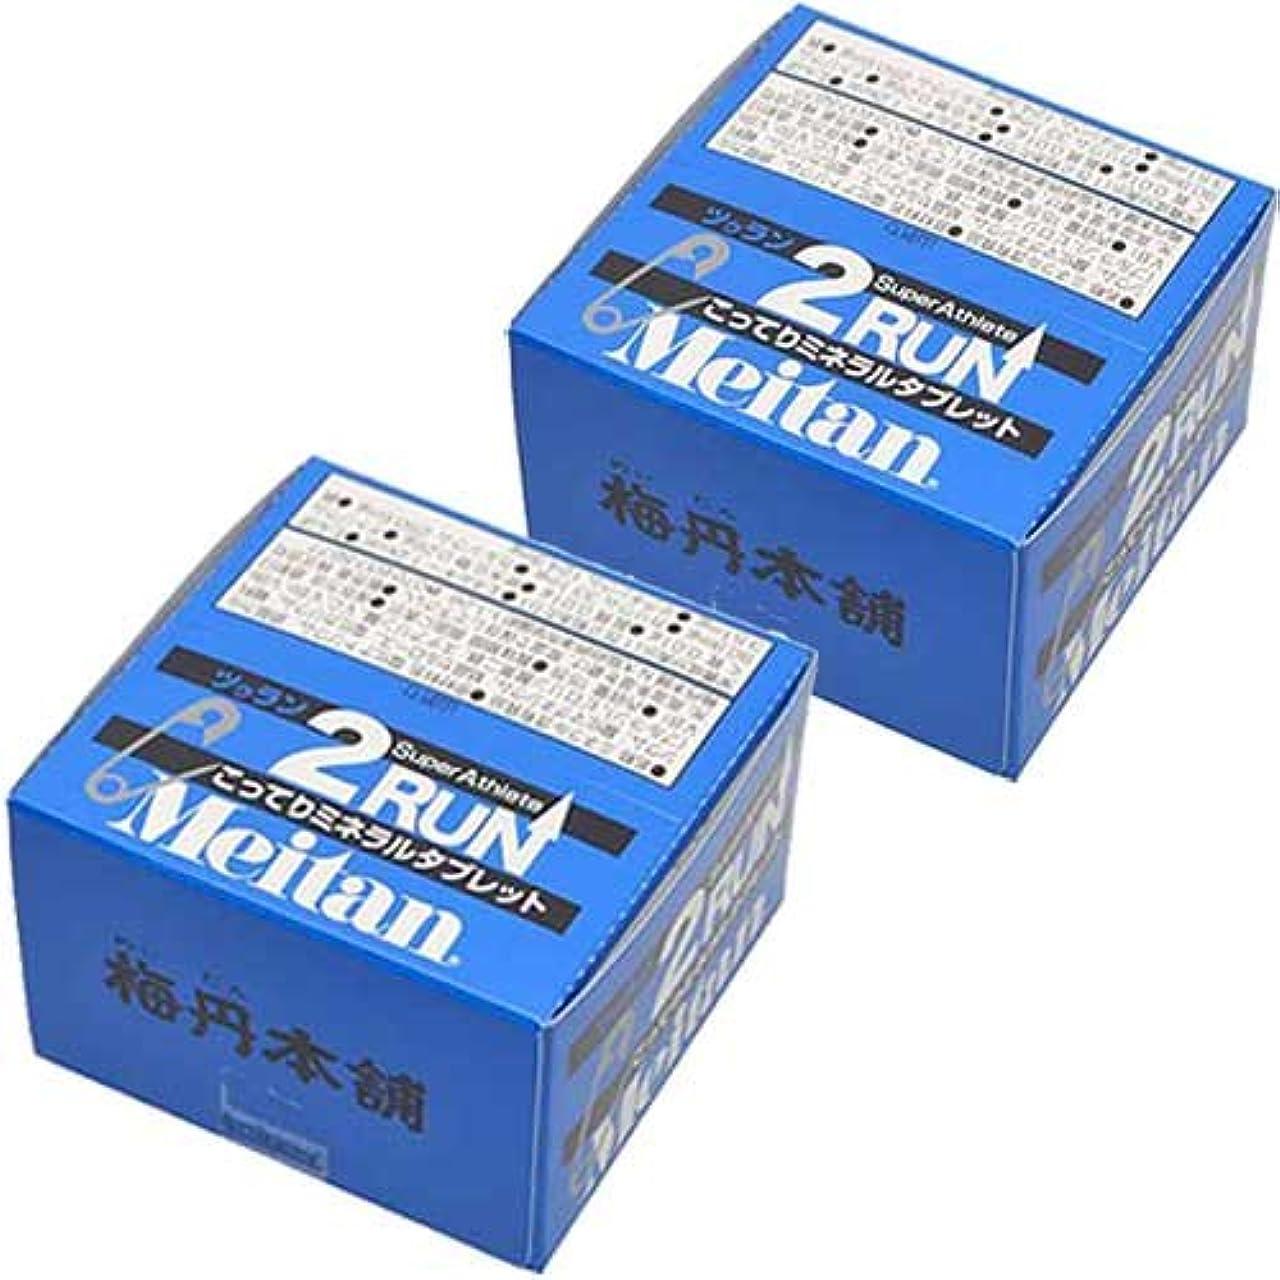 種をまく壊す人柄[梅丹本舗] メイタン ツーラン 2RUN 2粒×30袋